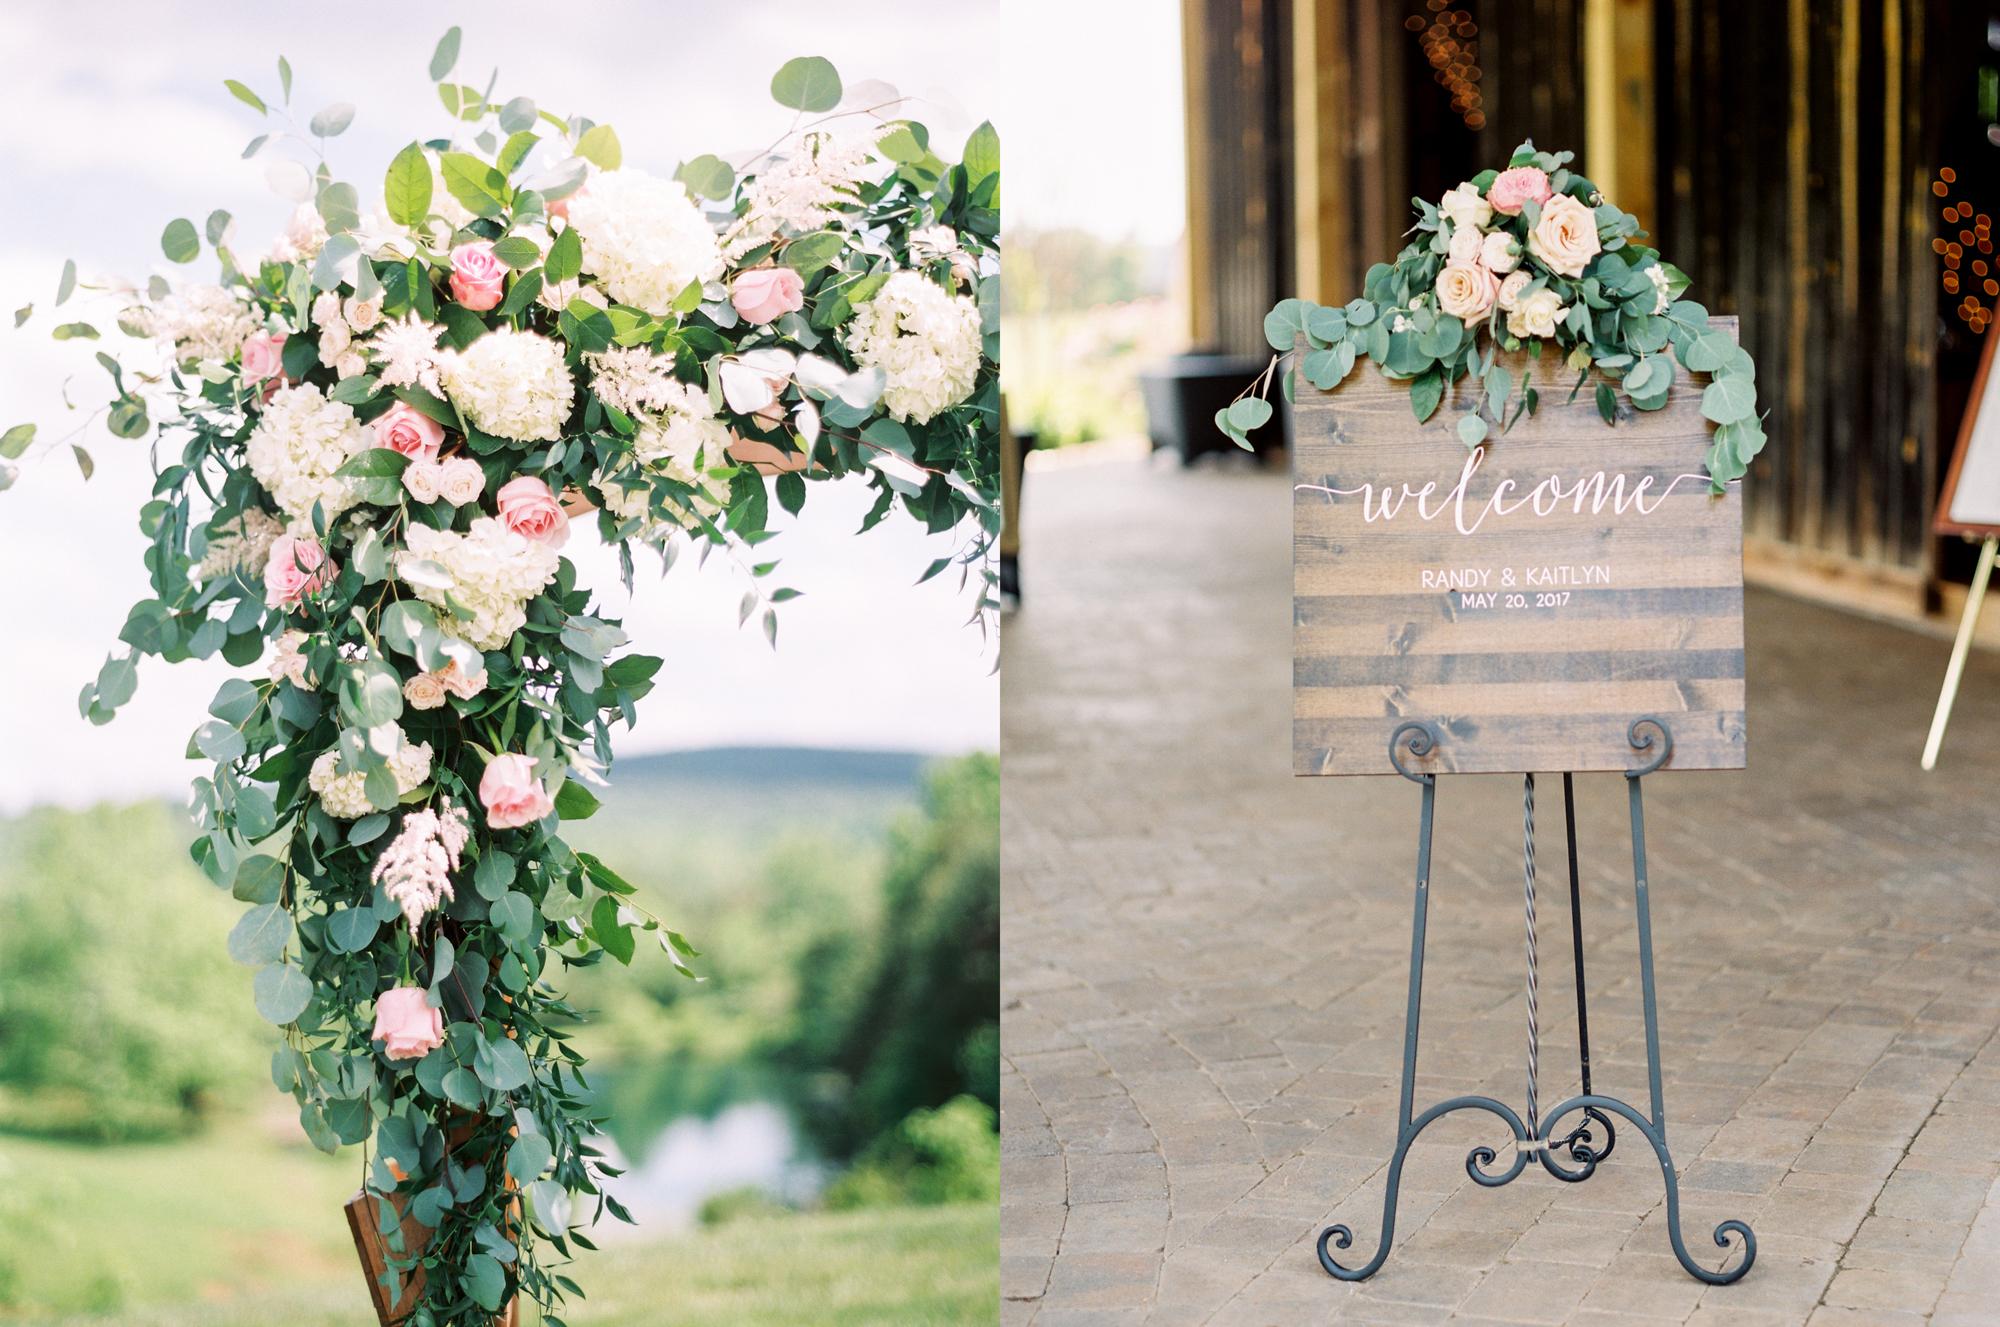 Sorella-farms-barn-wedding-venue-lynchburg-film-photographer-46.jpg